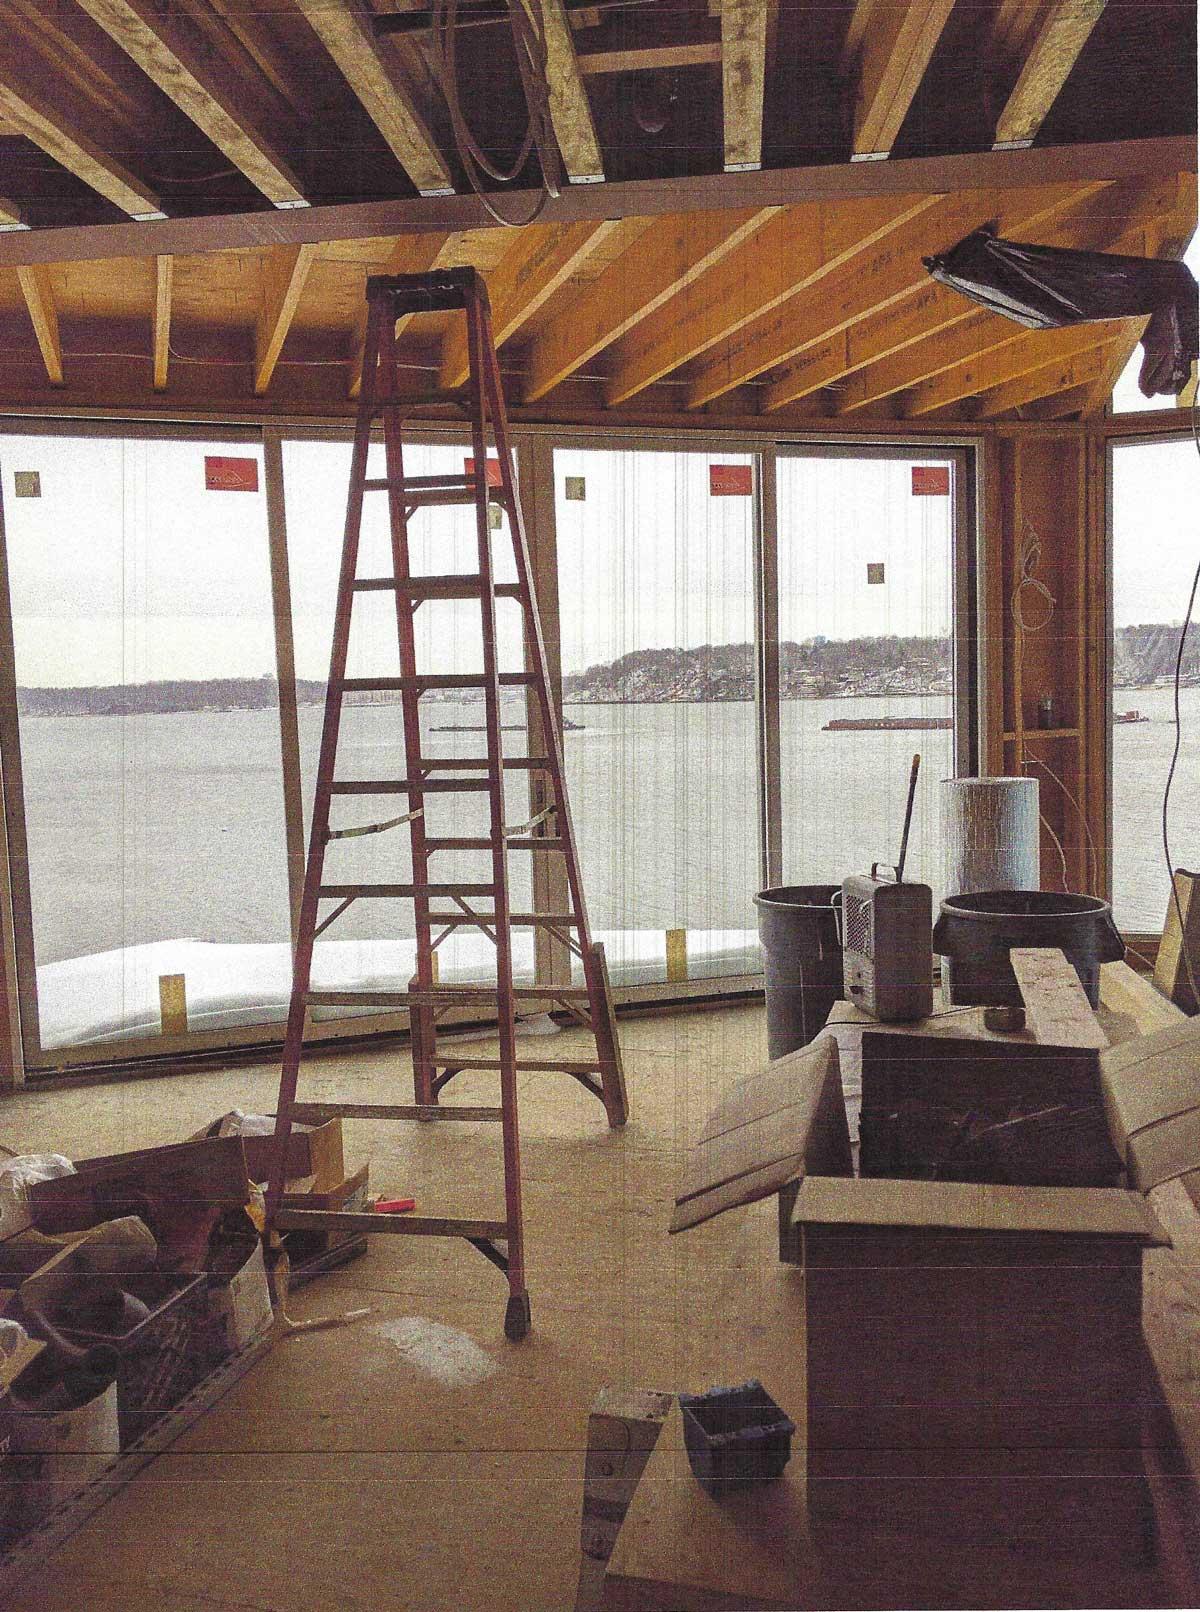 A New House in Port Washington, NY